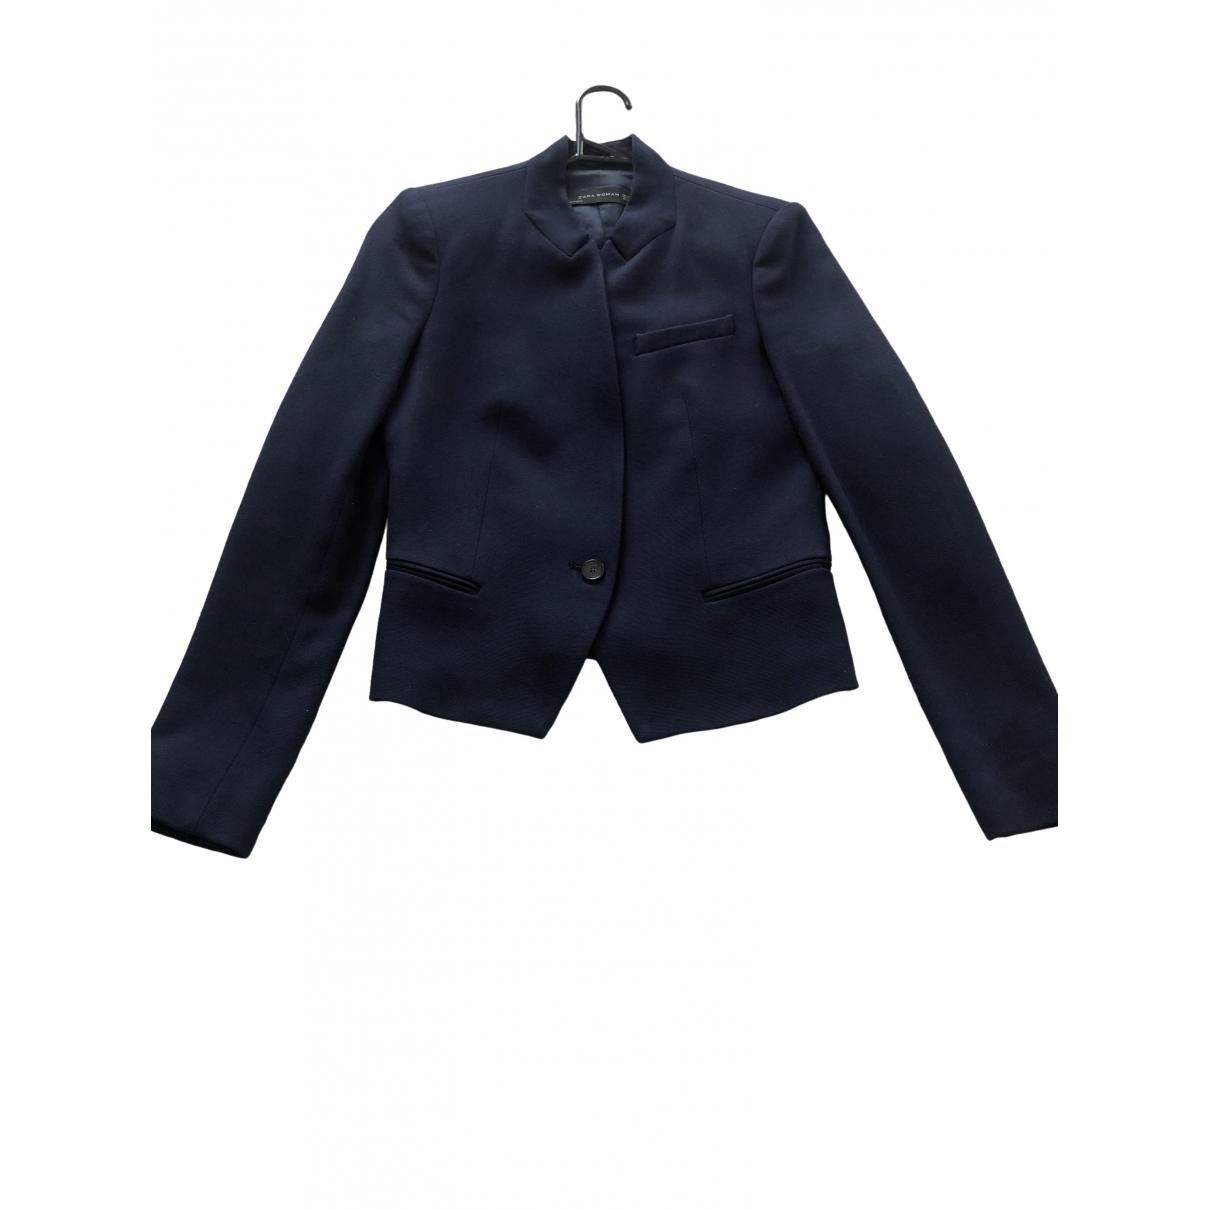 Zara \N Blue jacket for Women 6 UK